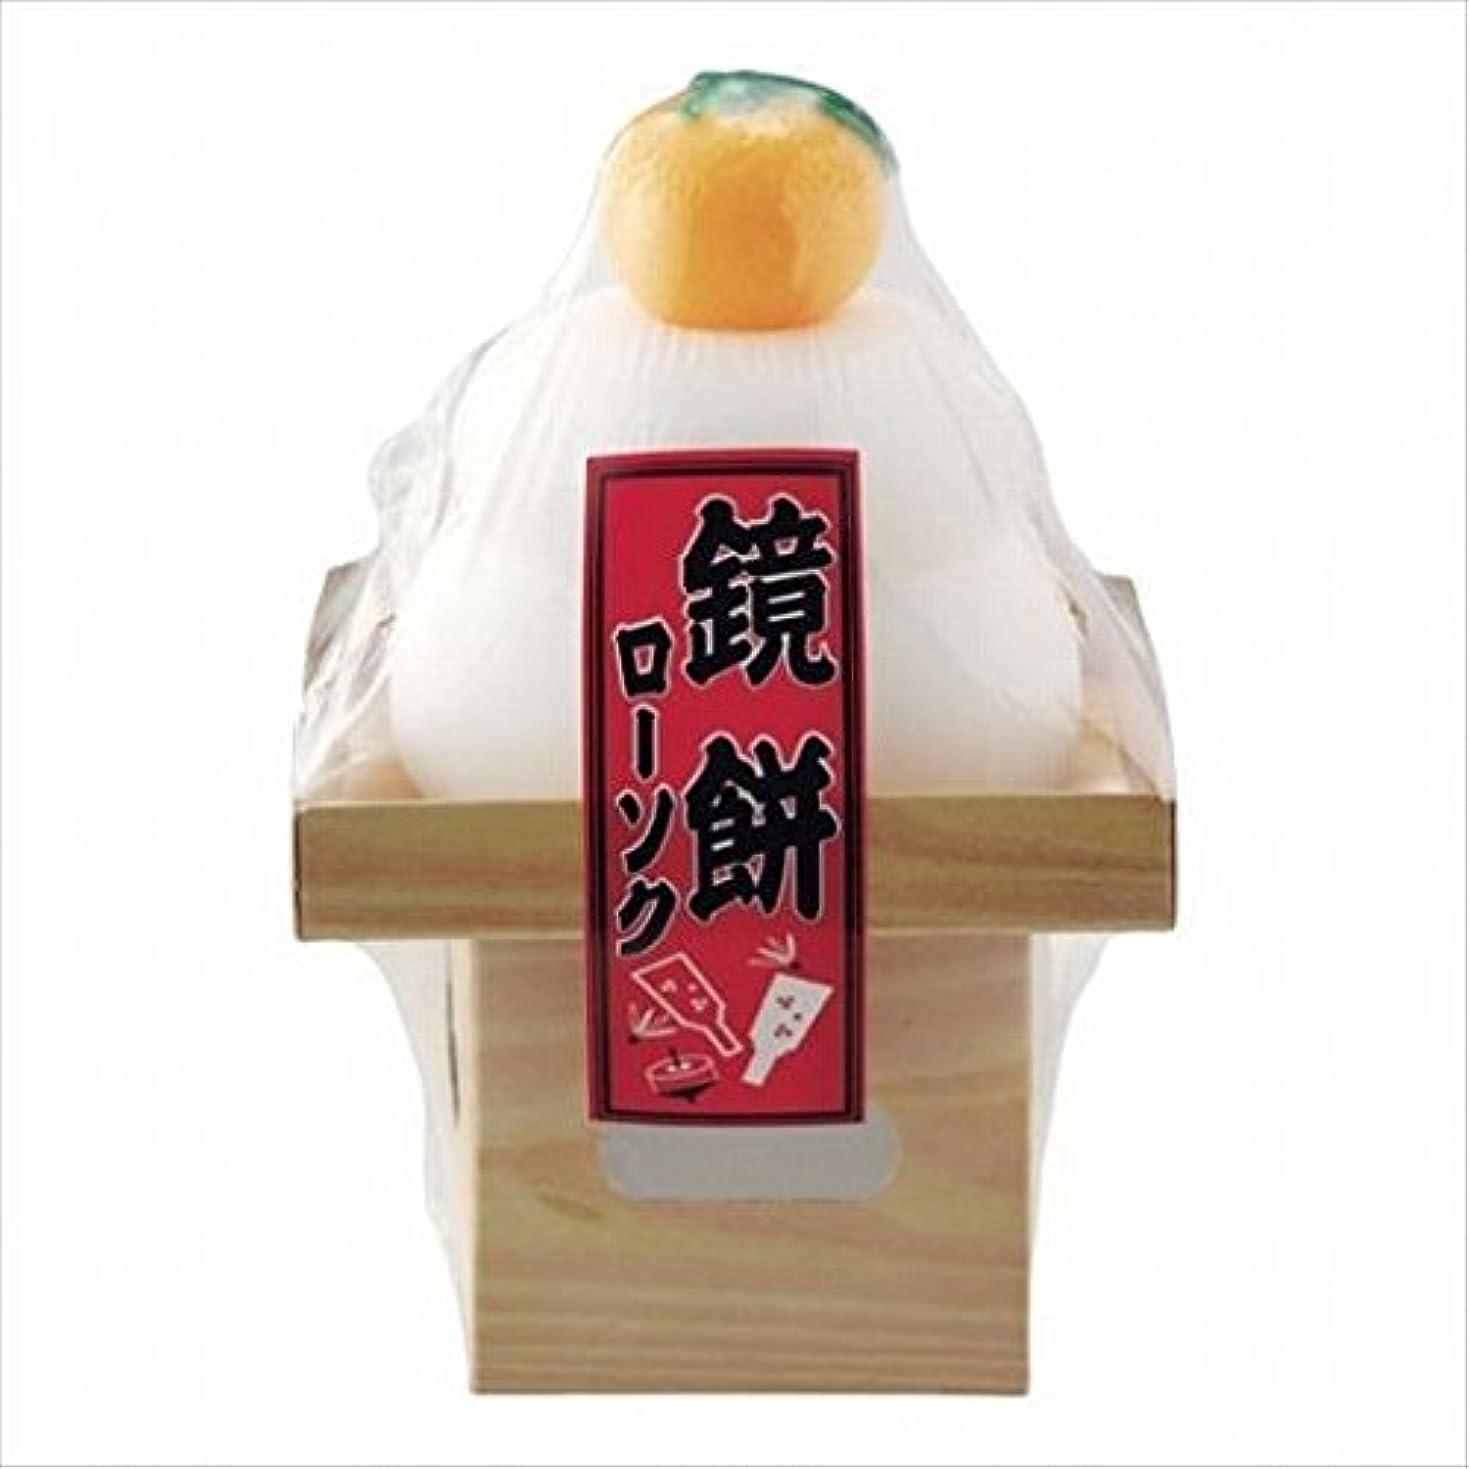 気づかない遺体安置所師匠kameyama candle(カメヤマキャンドル) 鏡餅ローソク キャンドル(21500000)